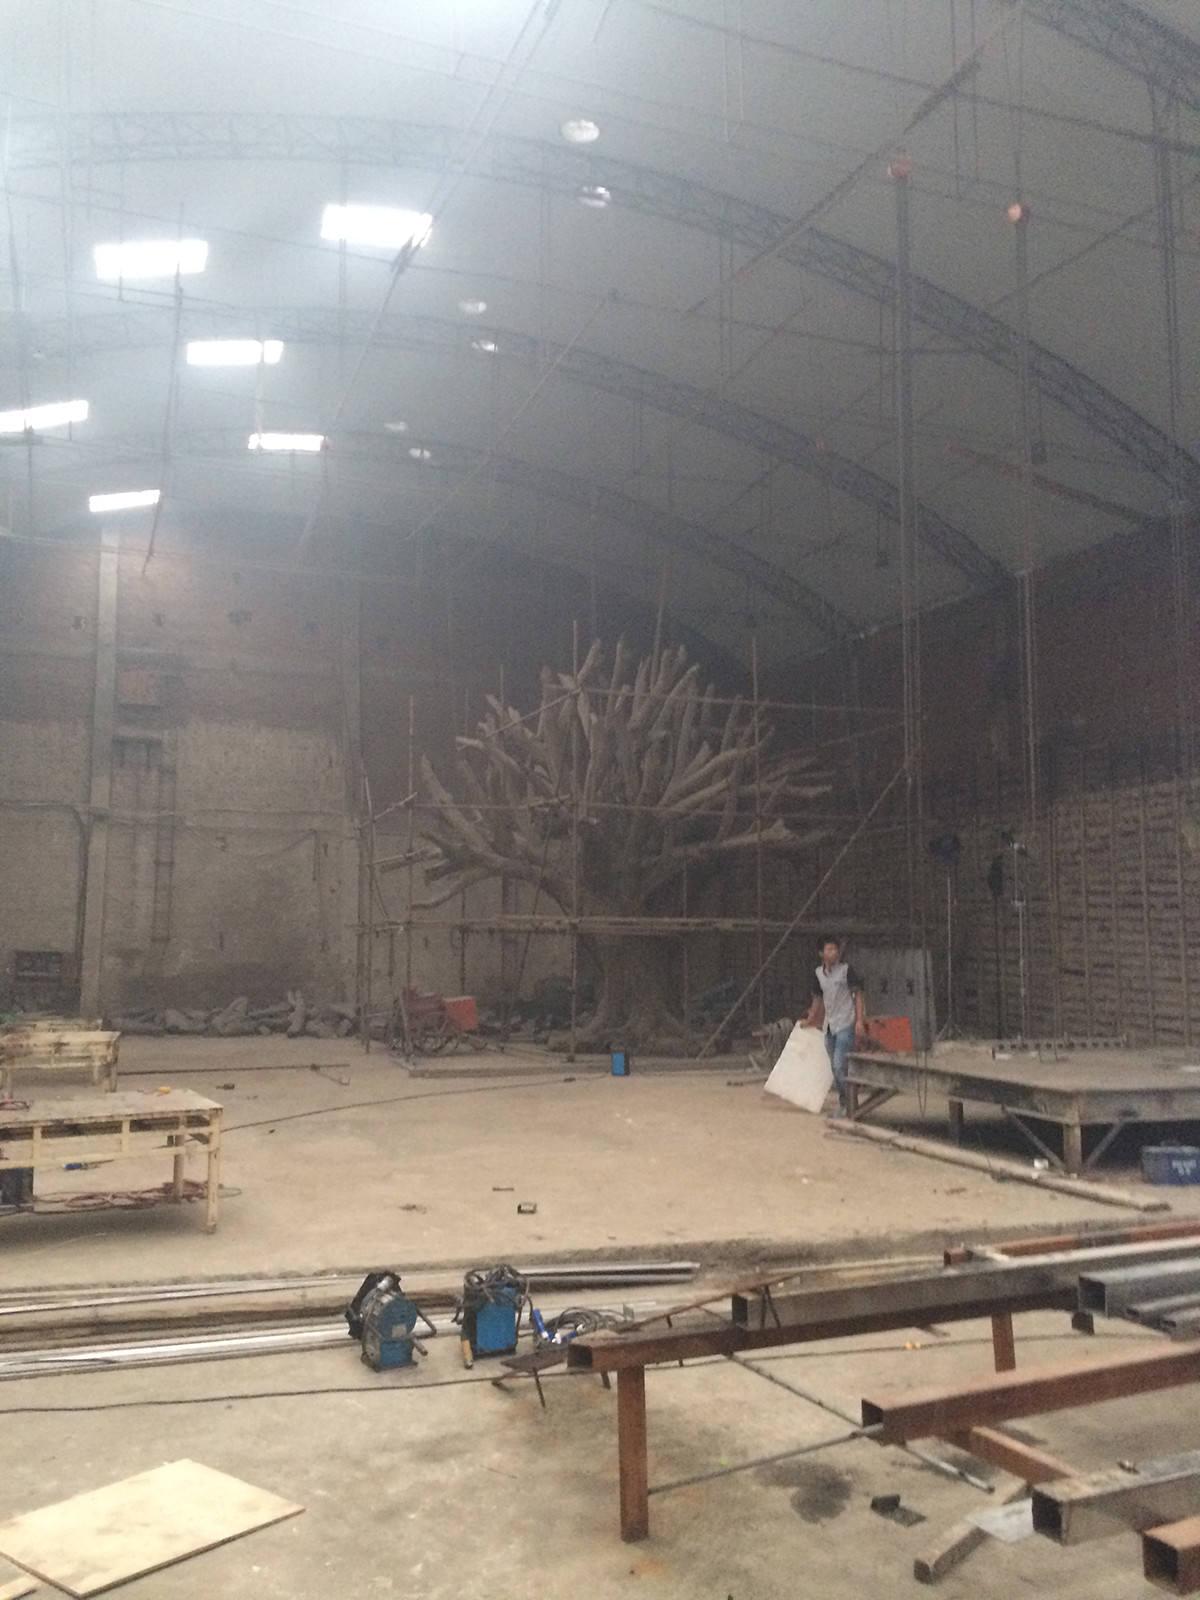 Parte dell'installazione 'Tree' nello studio in Beijing di Ai Weiwei Photo: Tim Marlow © Royal Academy of Arts, London